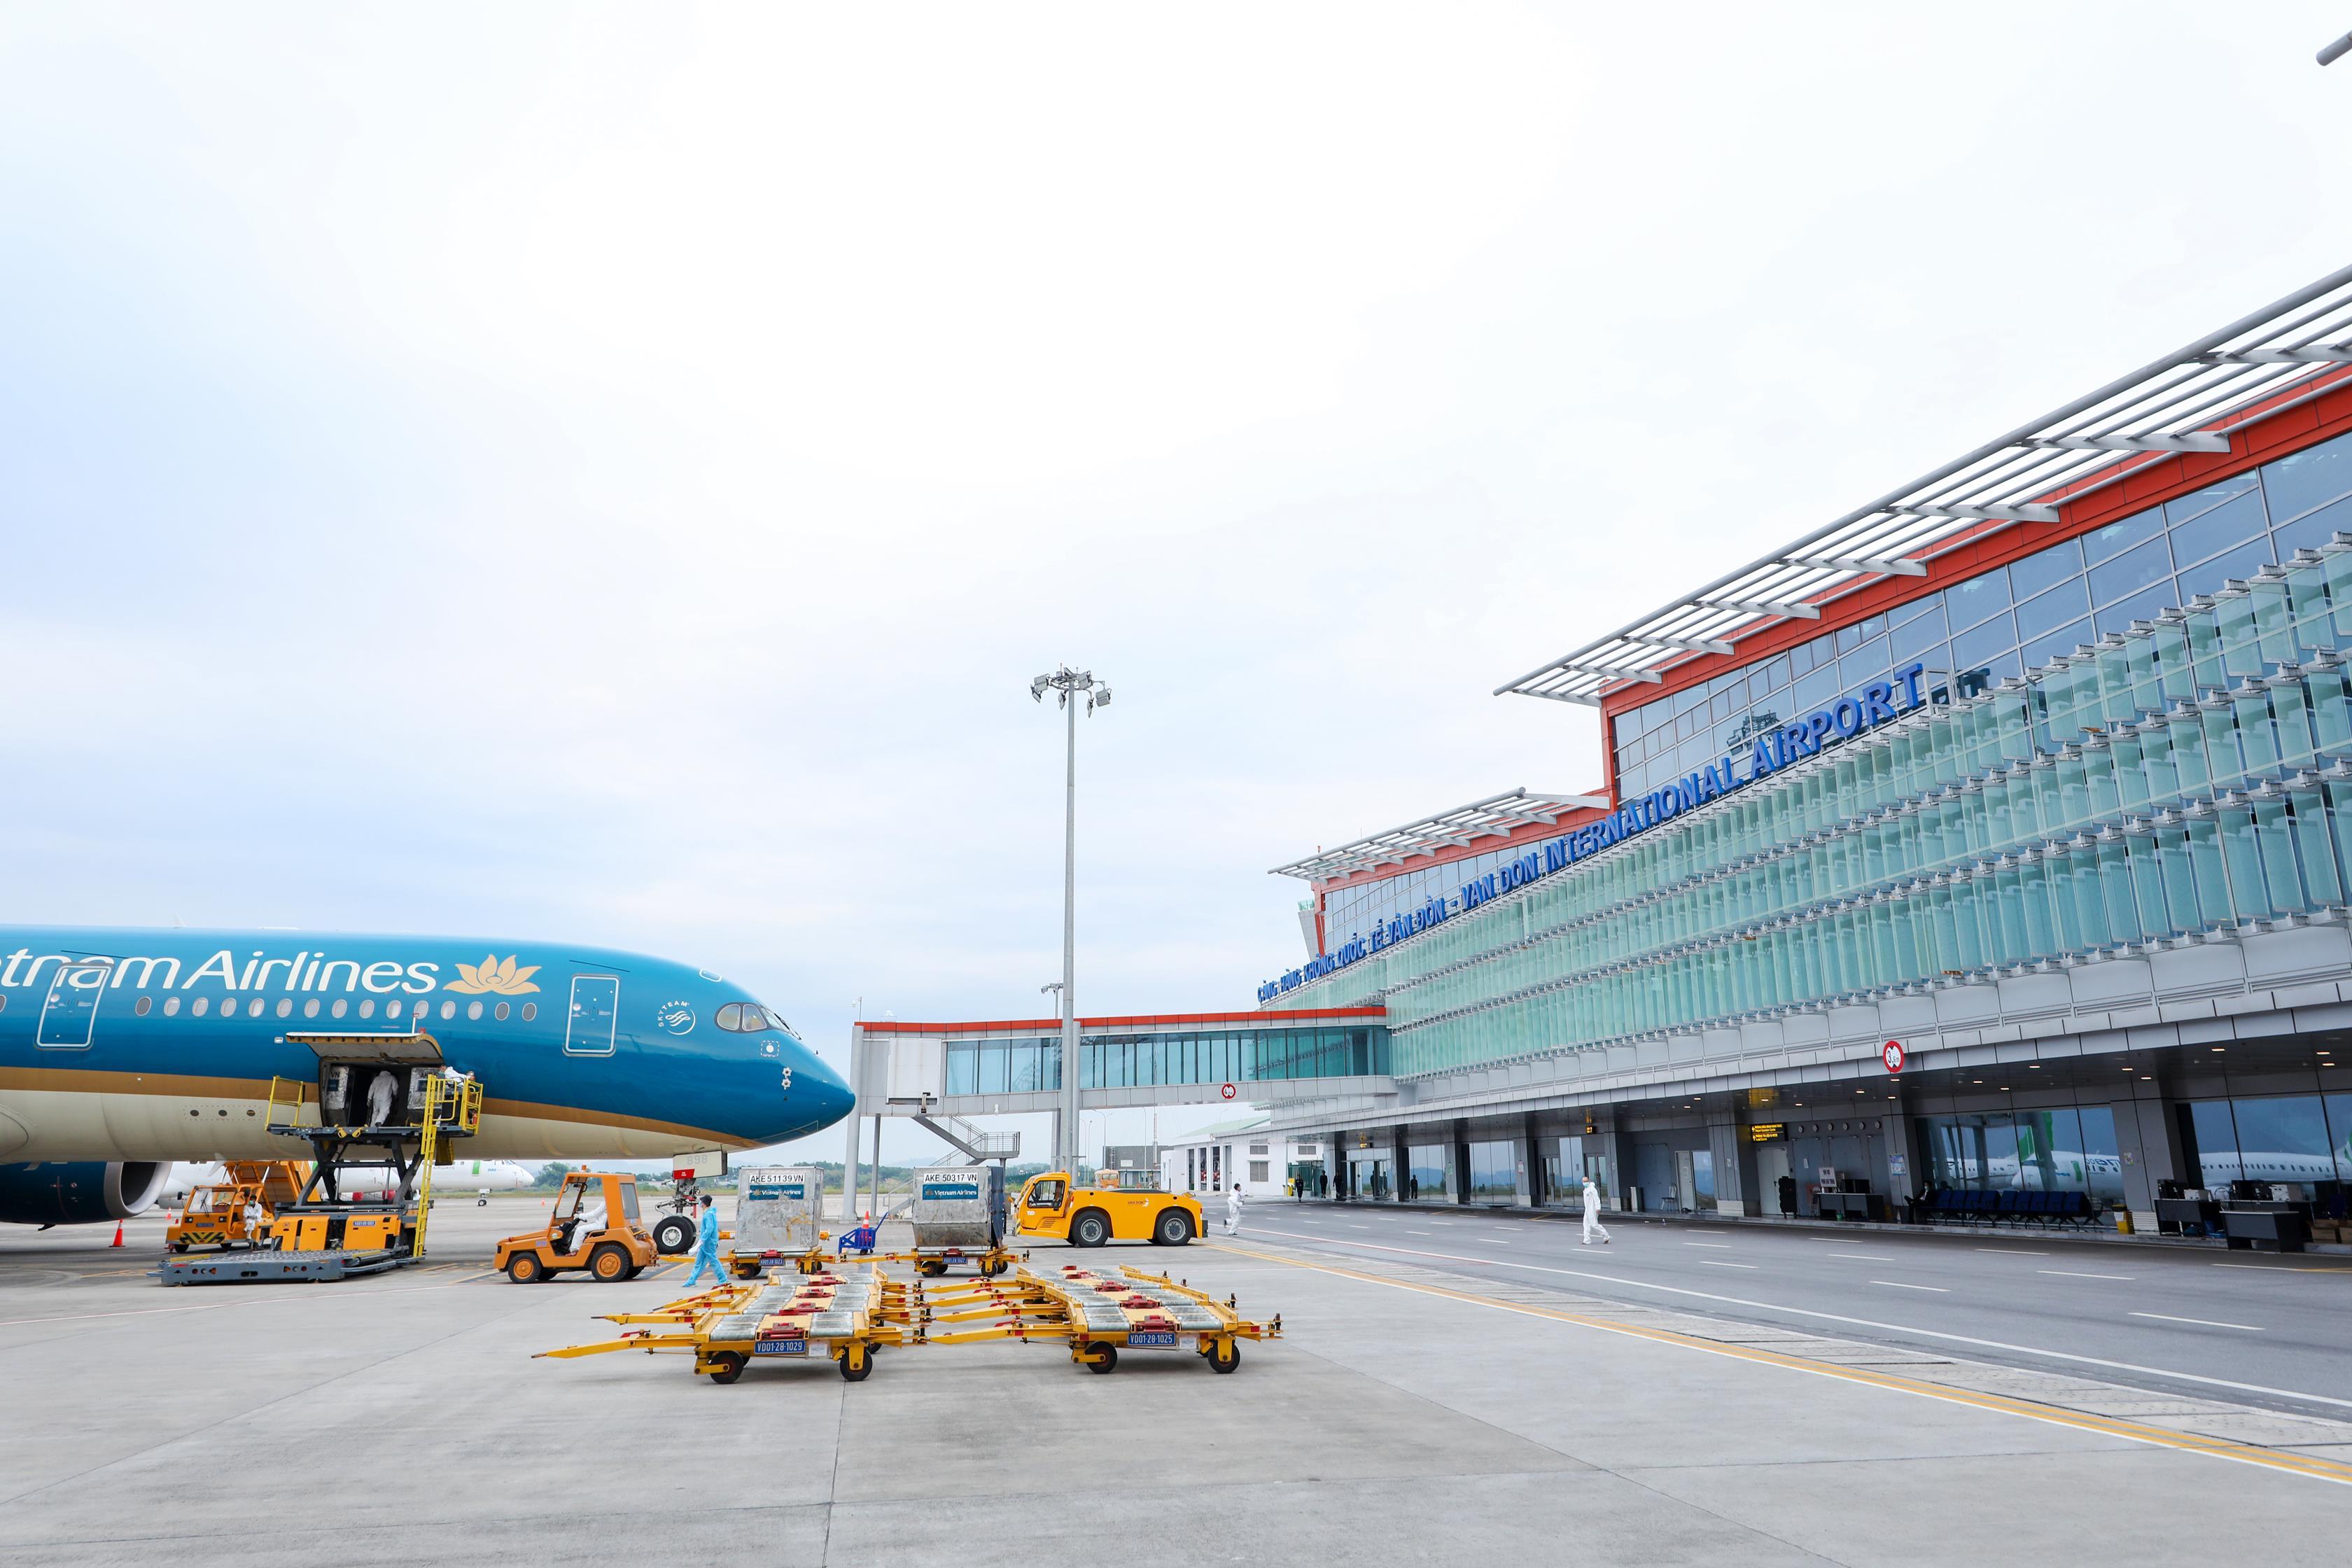 Hệ thống công nghệ tại sân bay hiện đại nhất Việt Nam có gì? 9